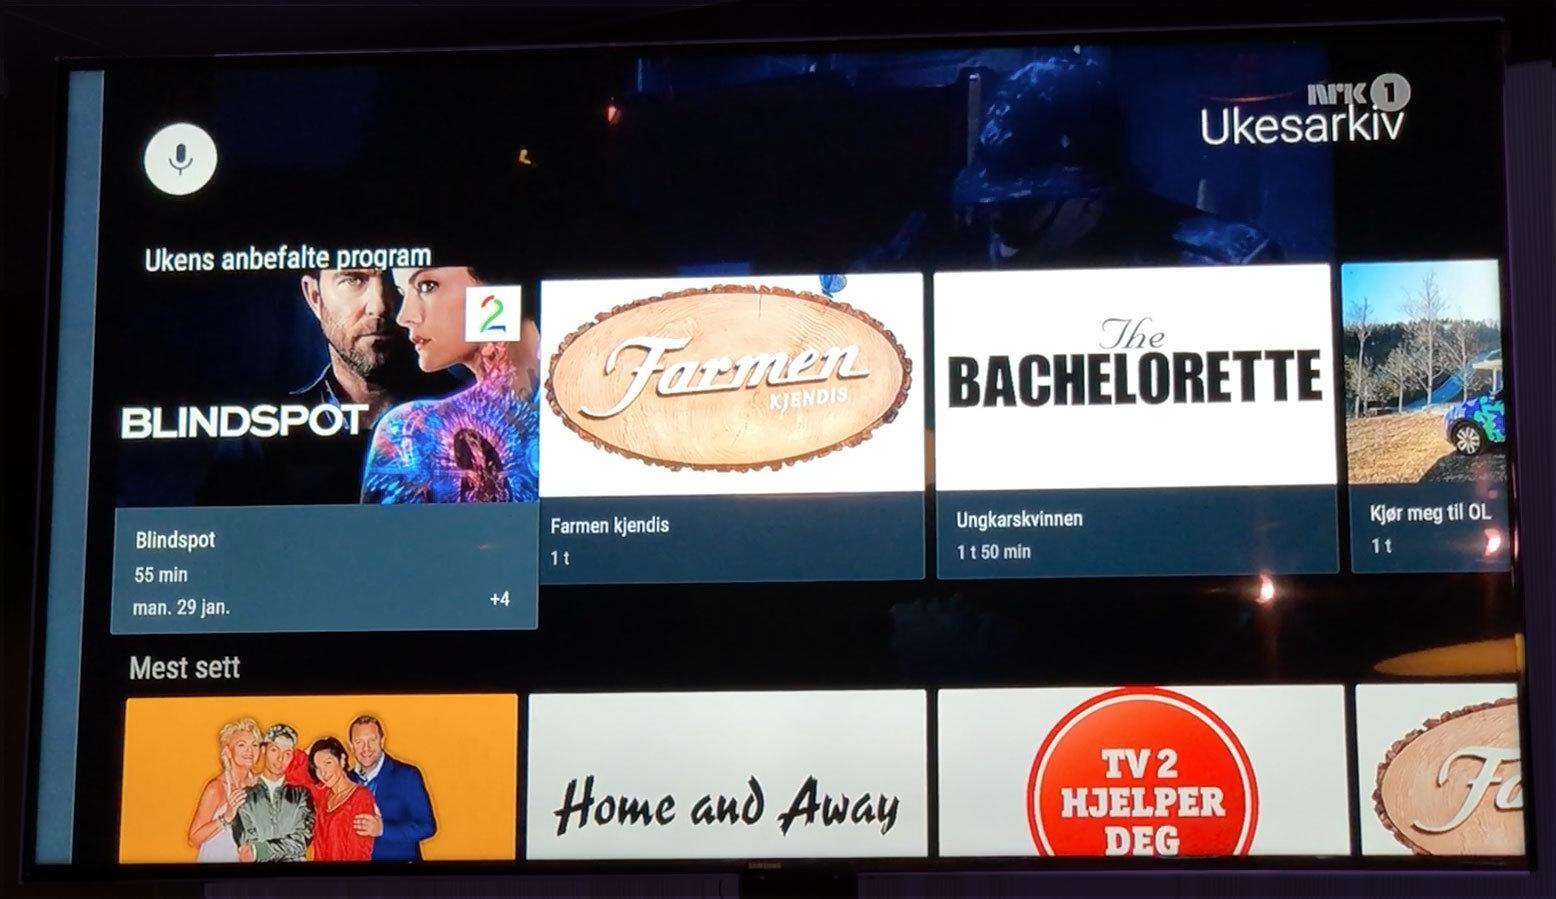 I Ukesarkivet kan du bla deg igjennom ting som har blitt sendt på lineær-TV den siste uken.